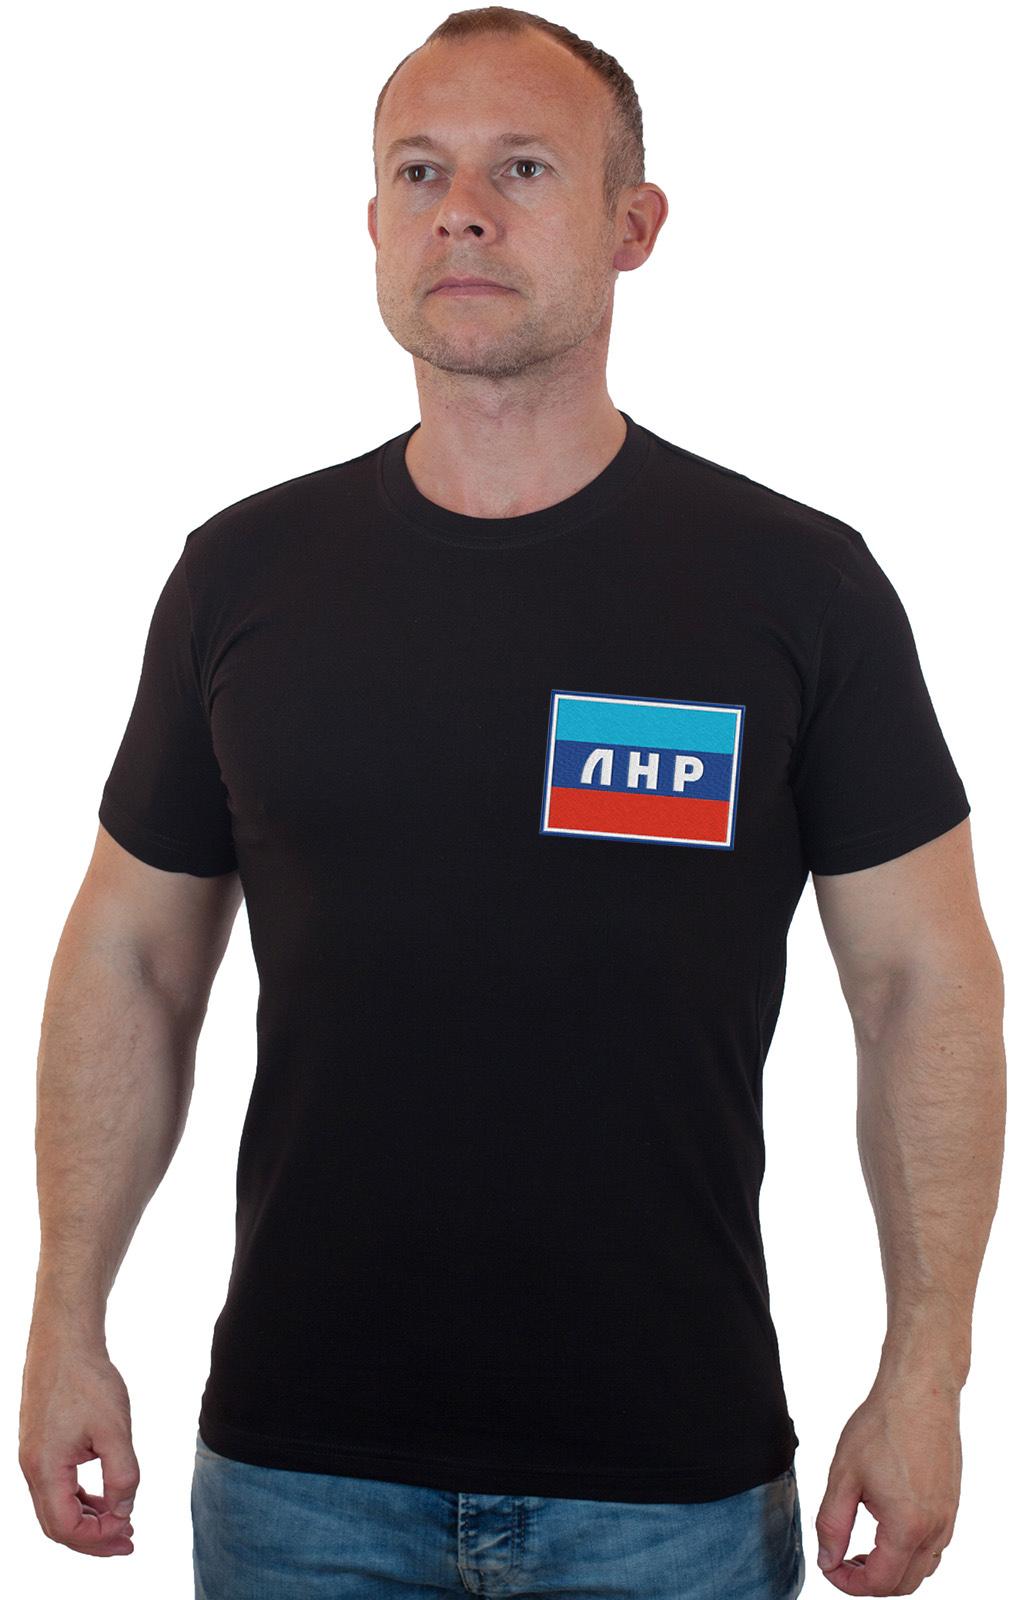 Недорогие футболки Новороссия – ДНР и ЛНР